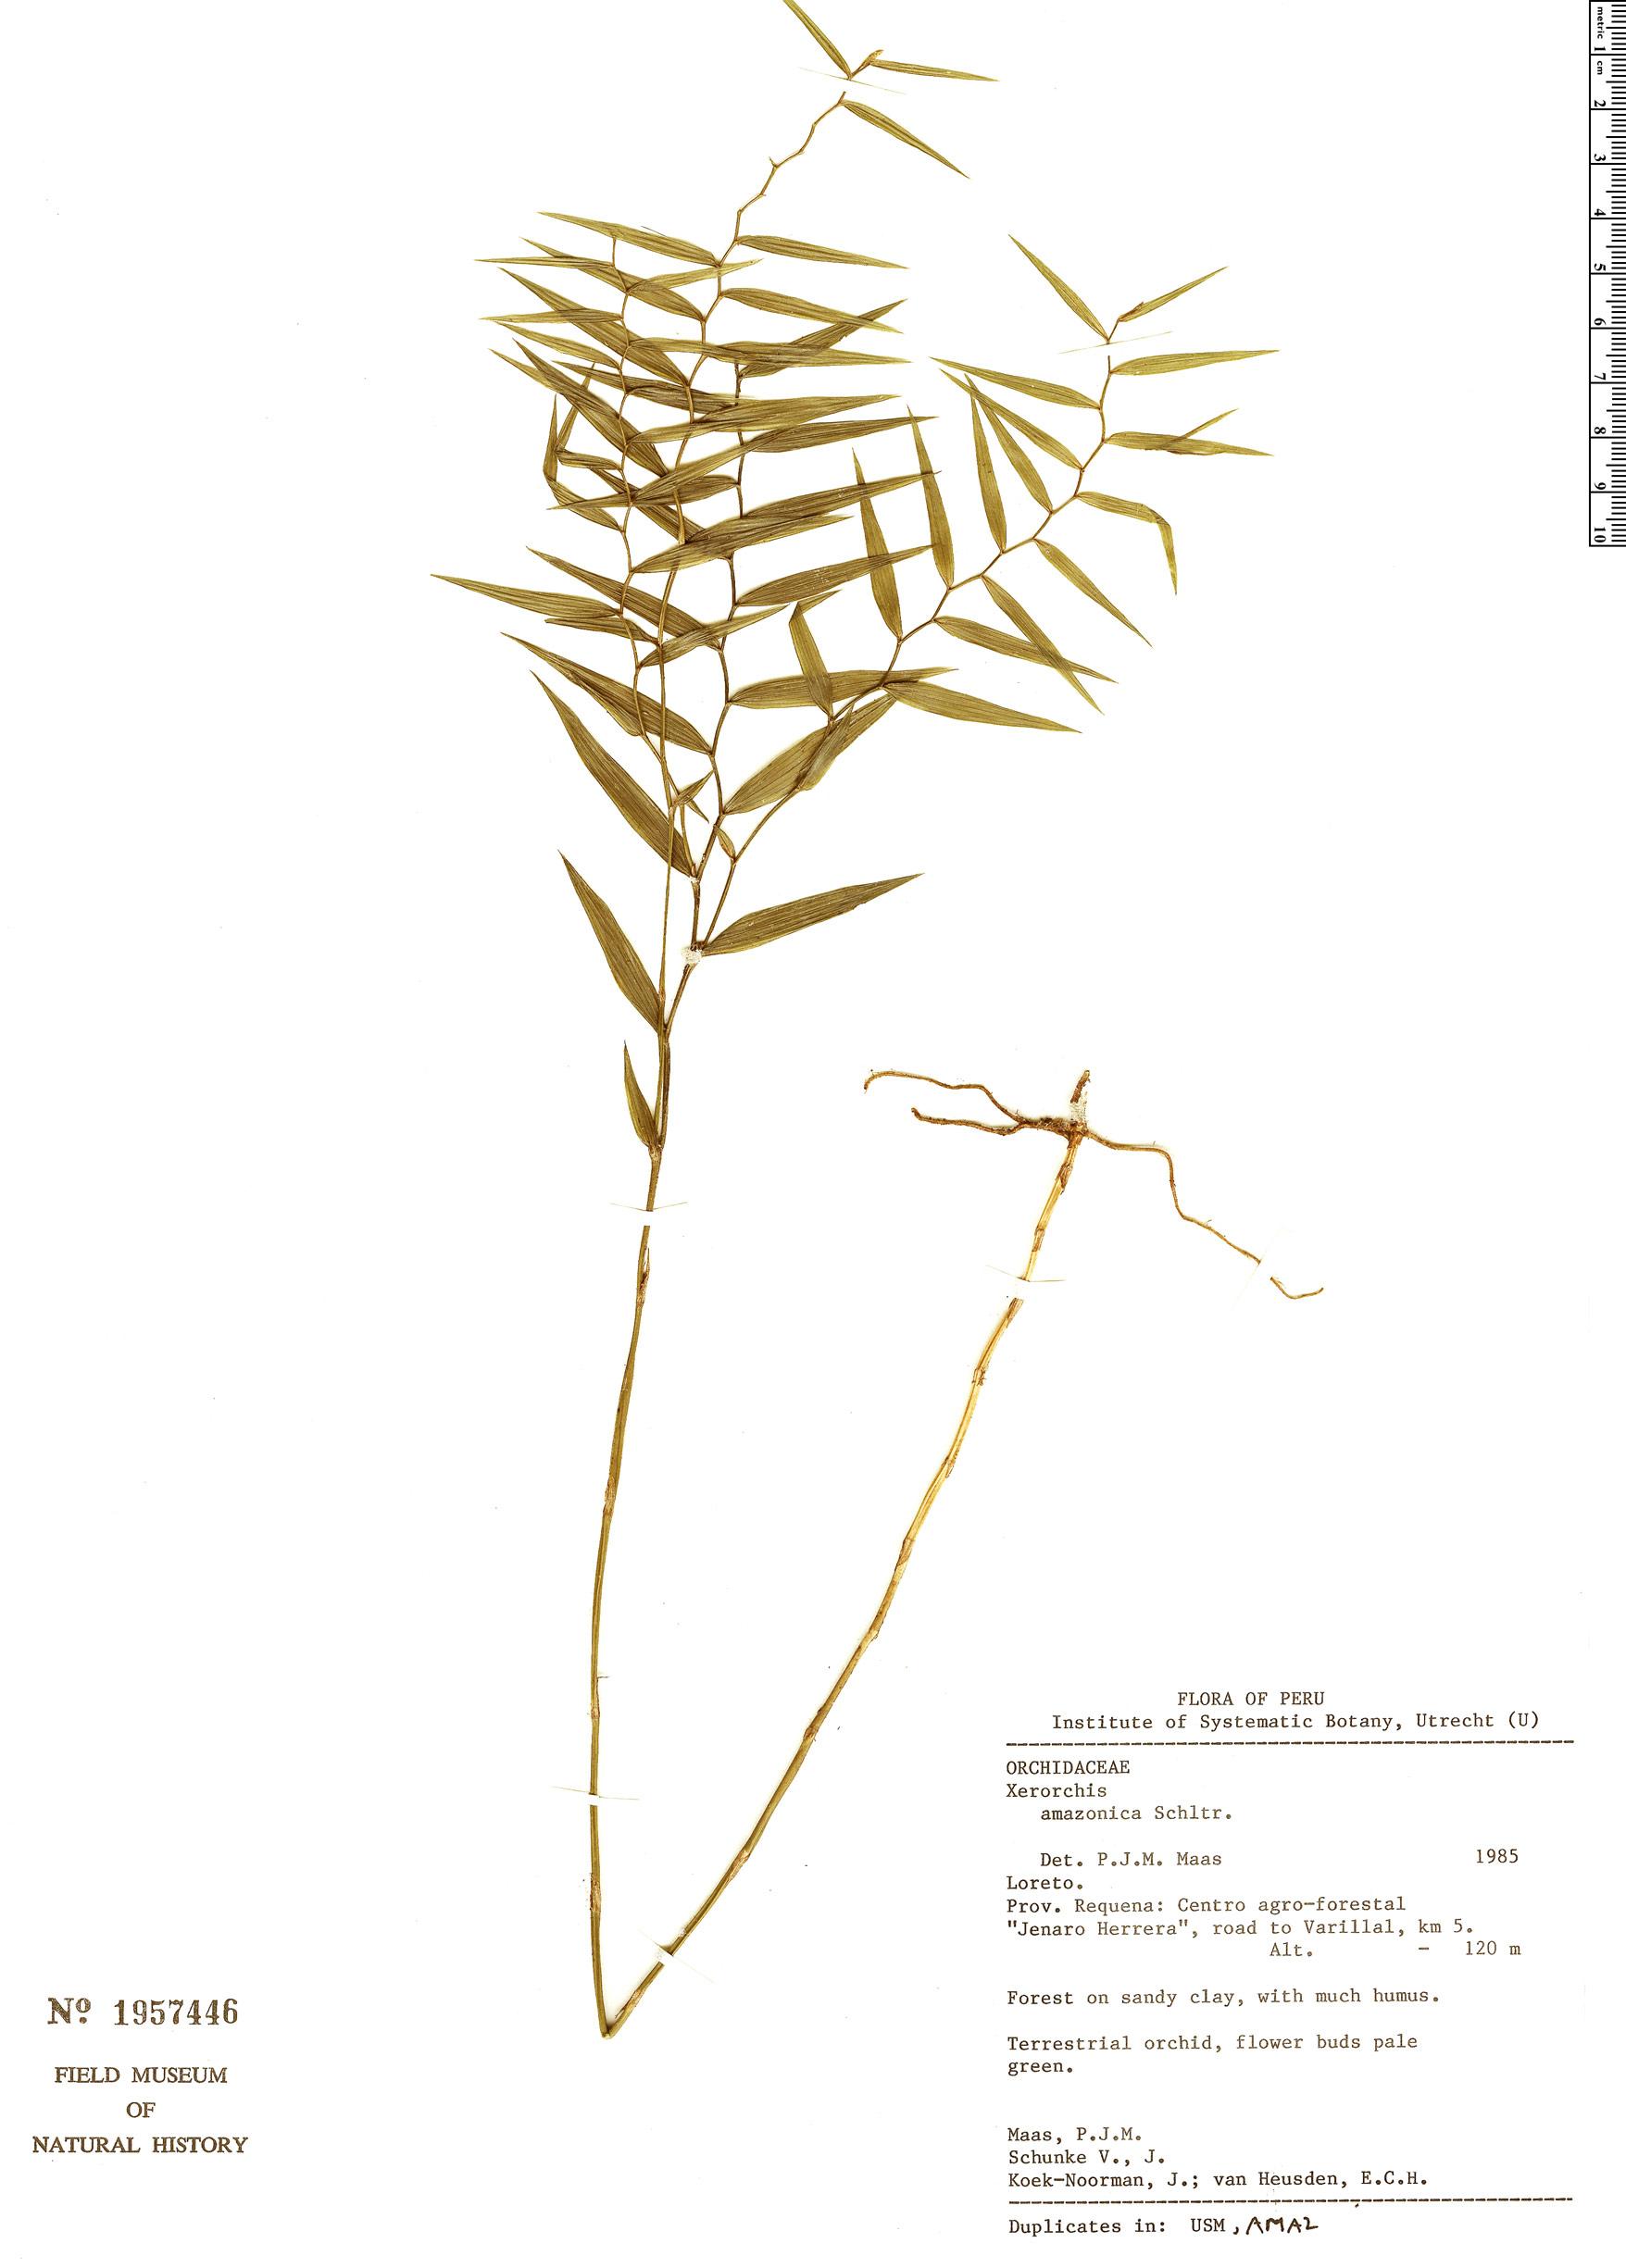 Specimen: Xerorchis amazonica